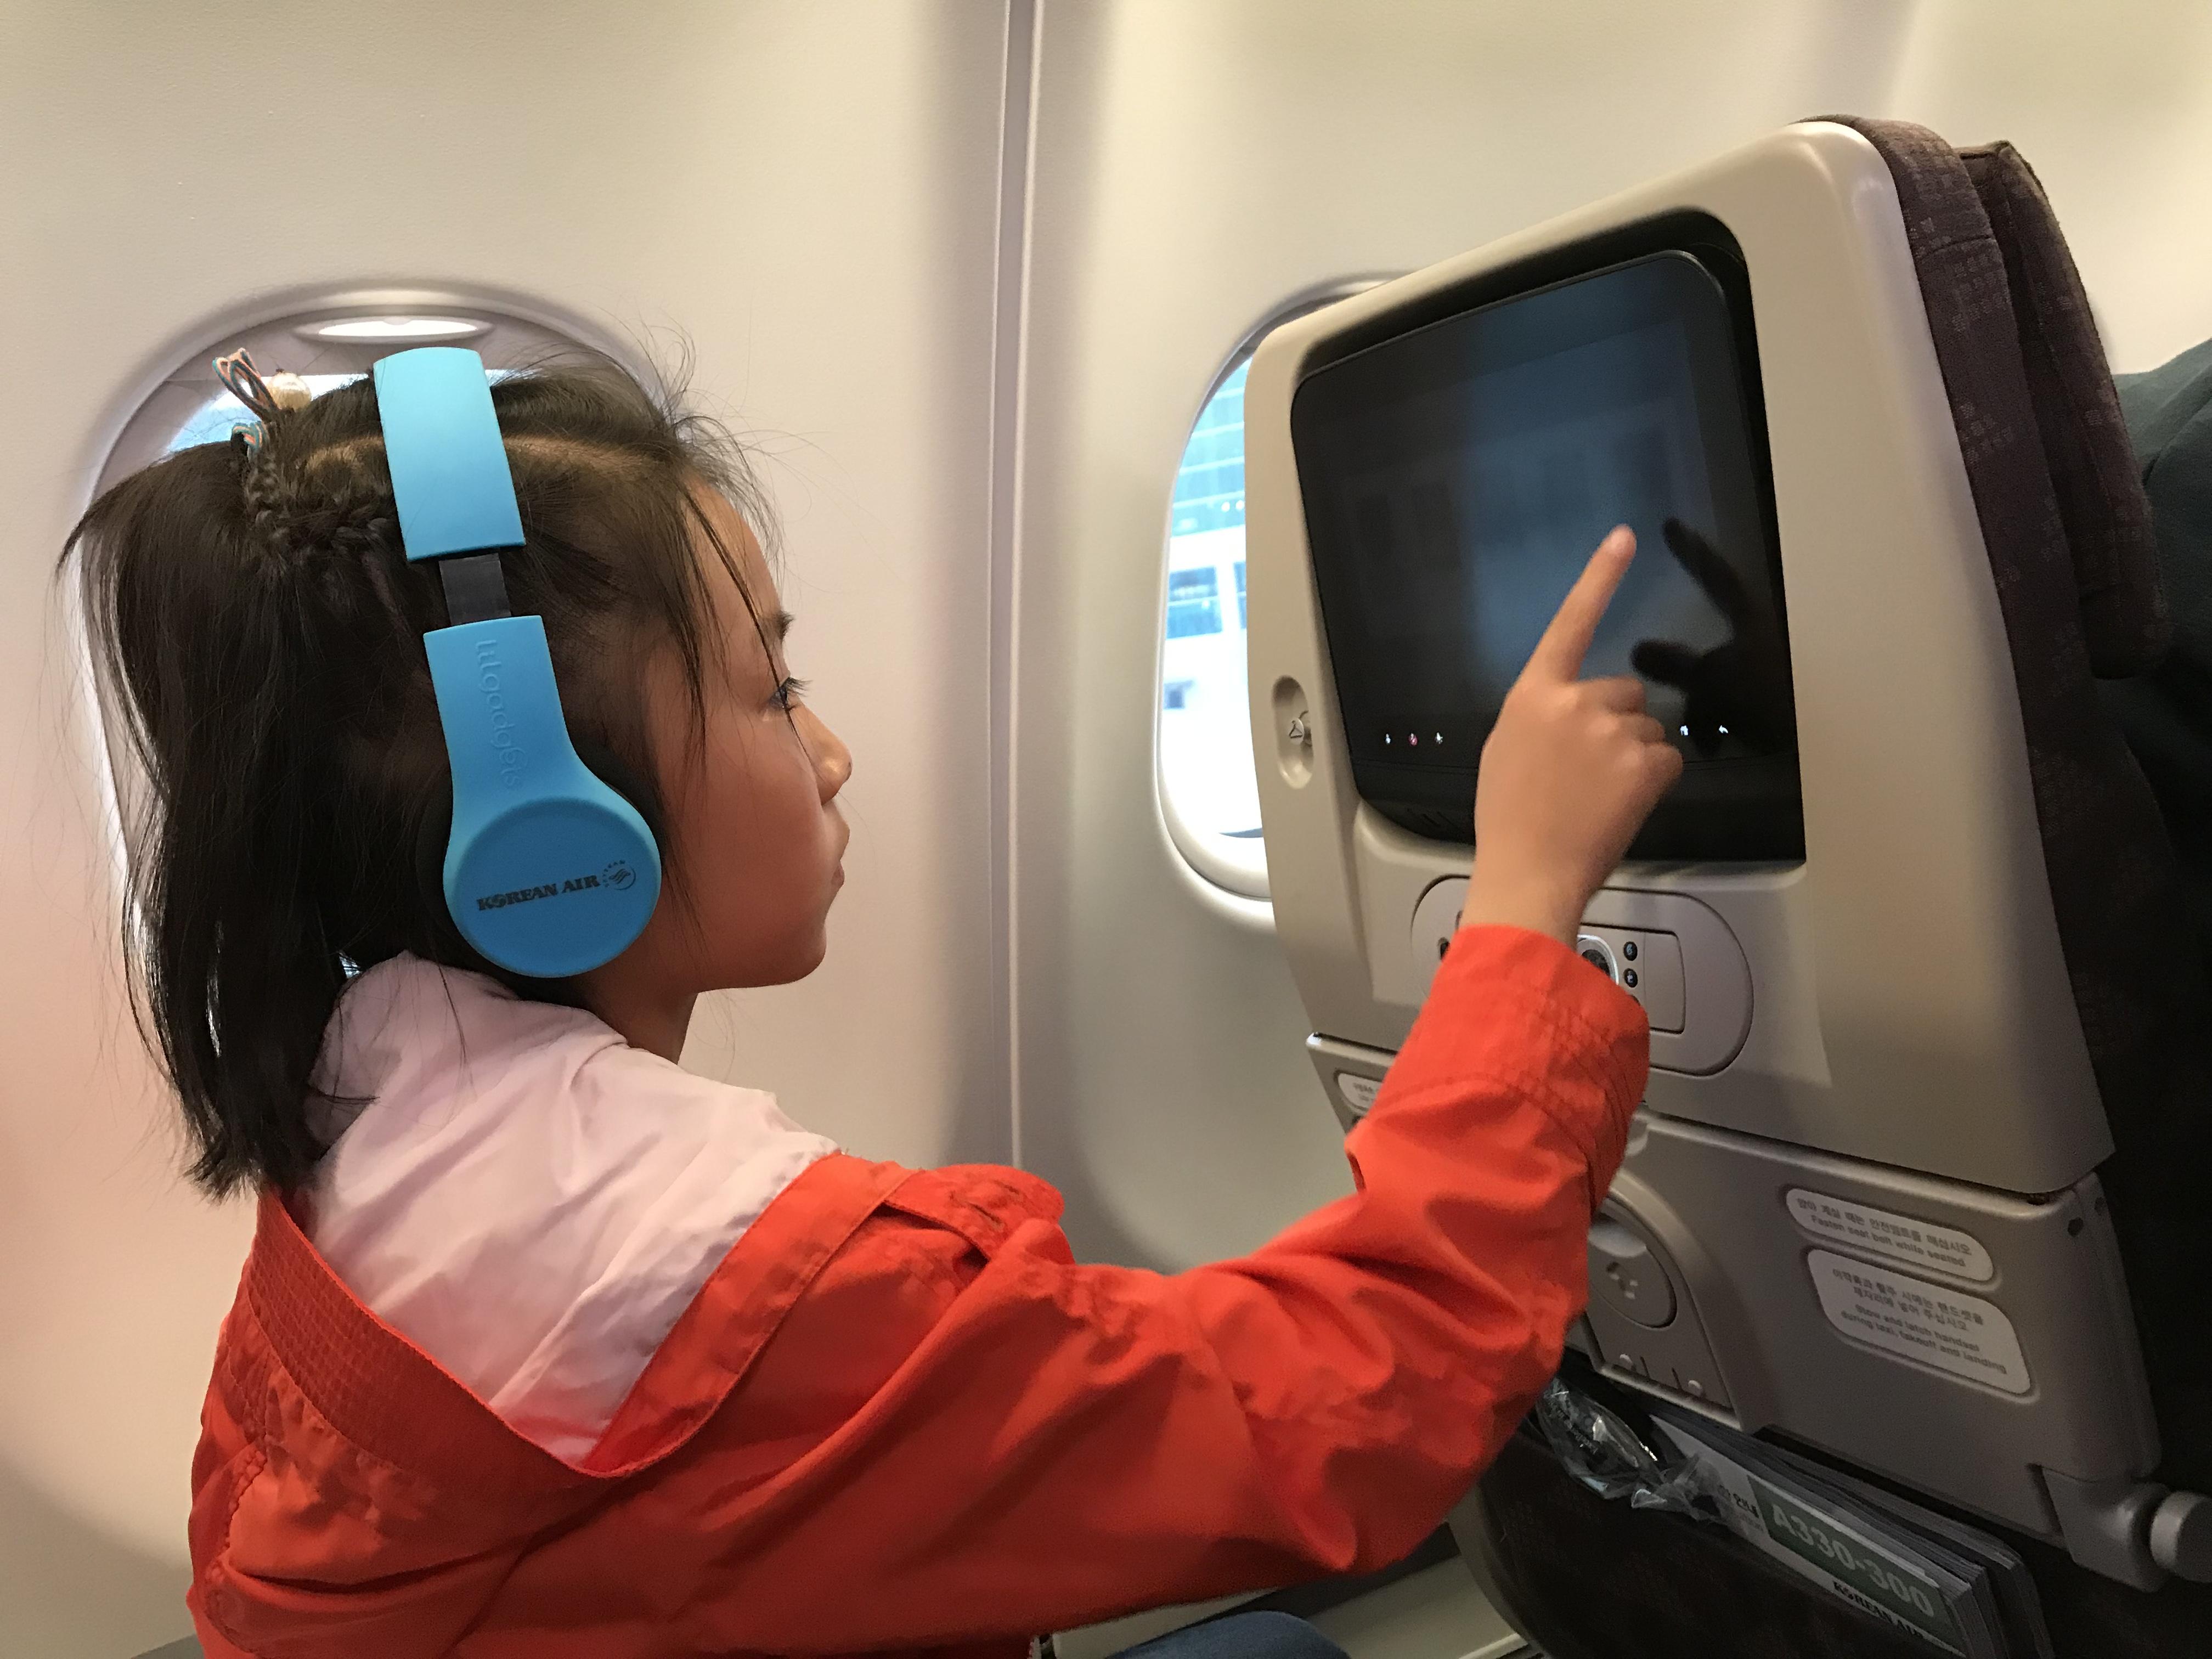 在航班上娱乐(有些累了)